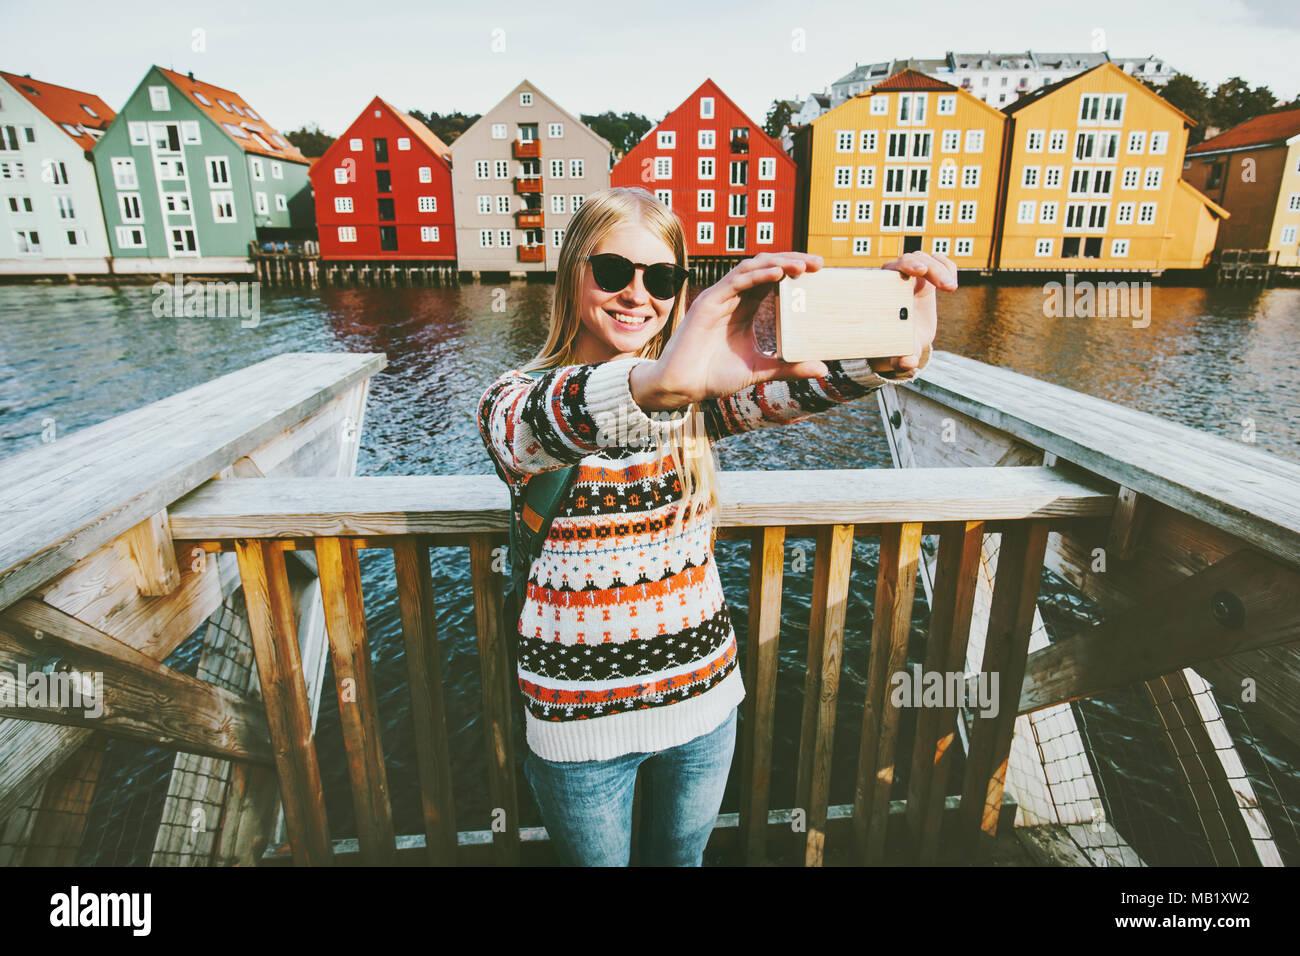 Happy smiling woman taking voyageant en selfies Trondheim Norvège ville vie vacances week-end en plein air maisons de mode scandinave repères archit Banque D'Images